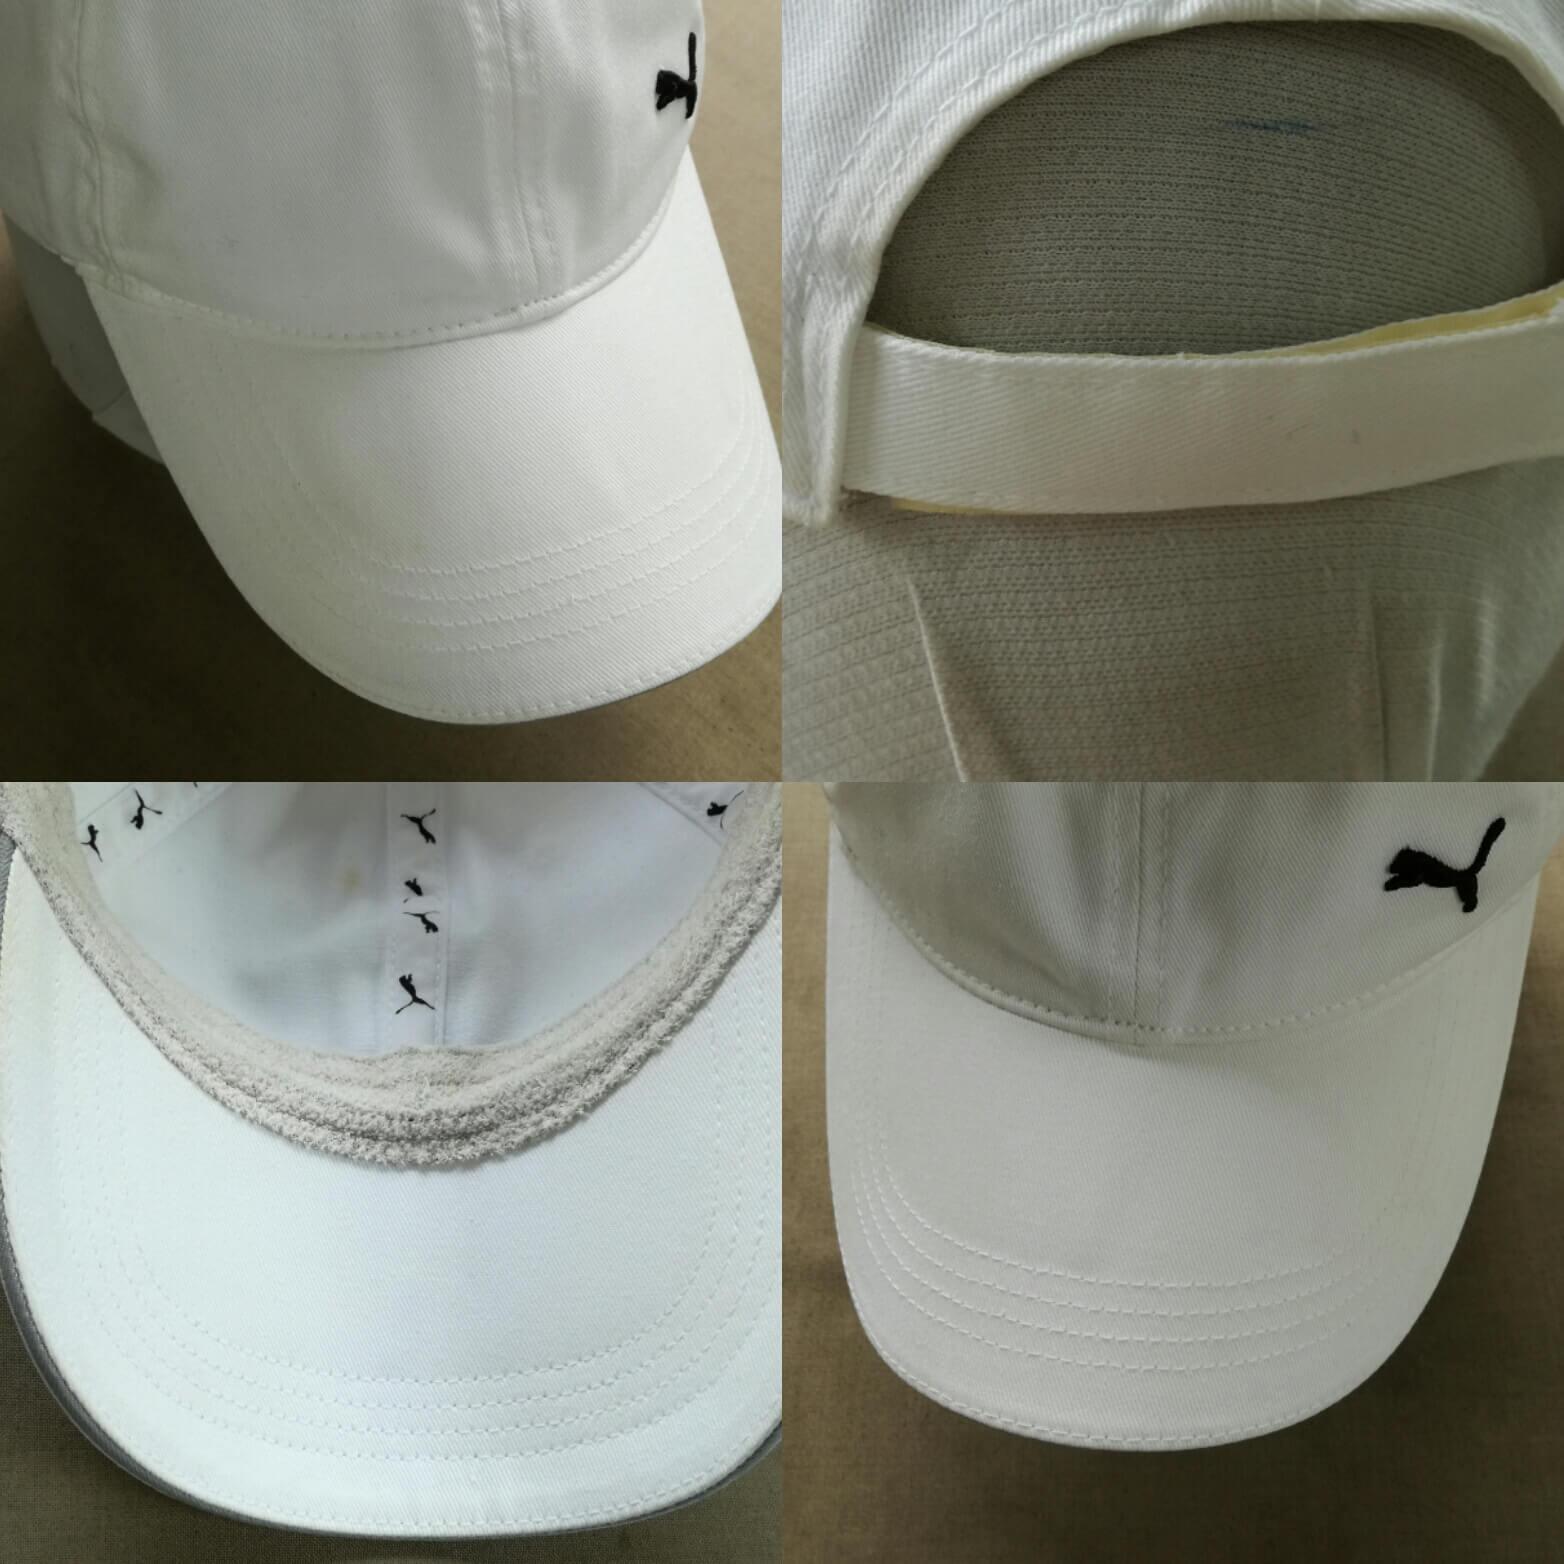 帽子のシミ抜き後、真っ白に復元